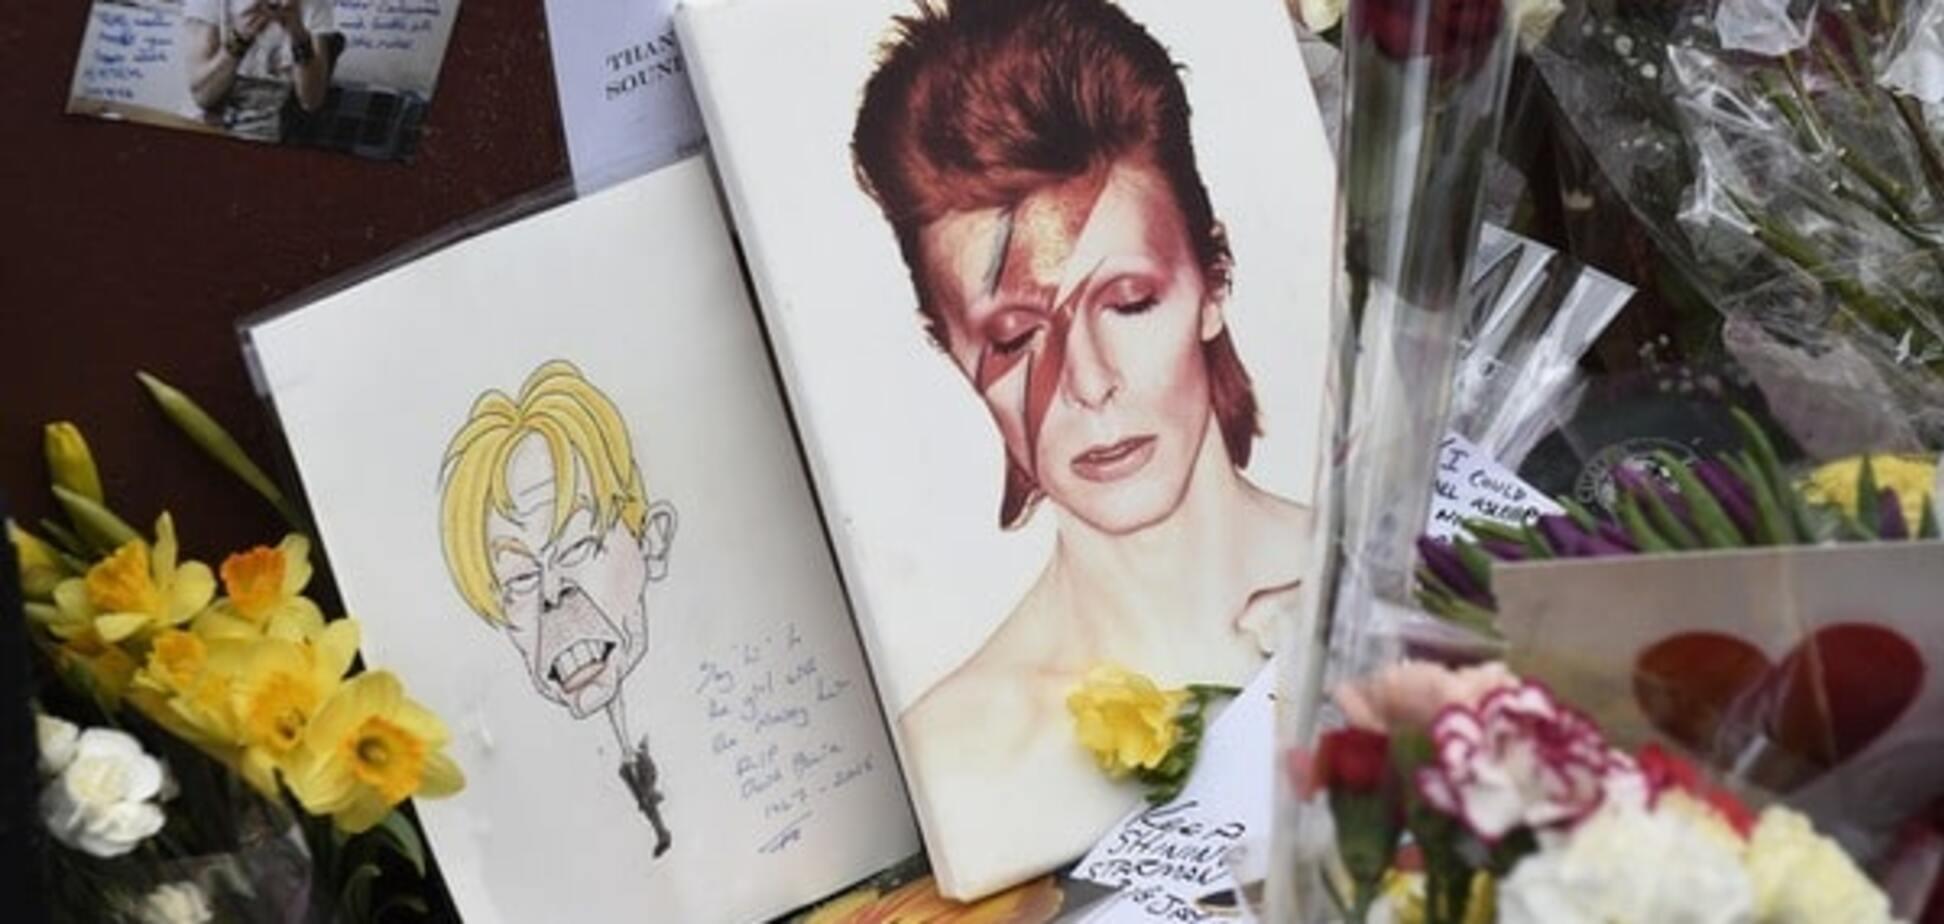 RIP Боуї: стало відомо про таємну церемонію прощання з музикантом